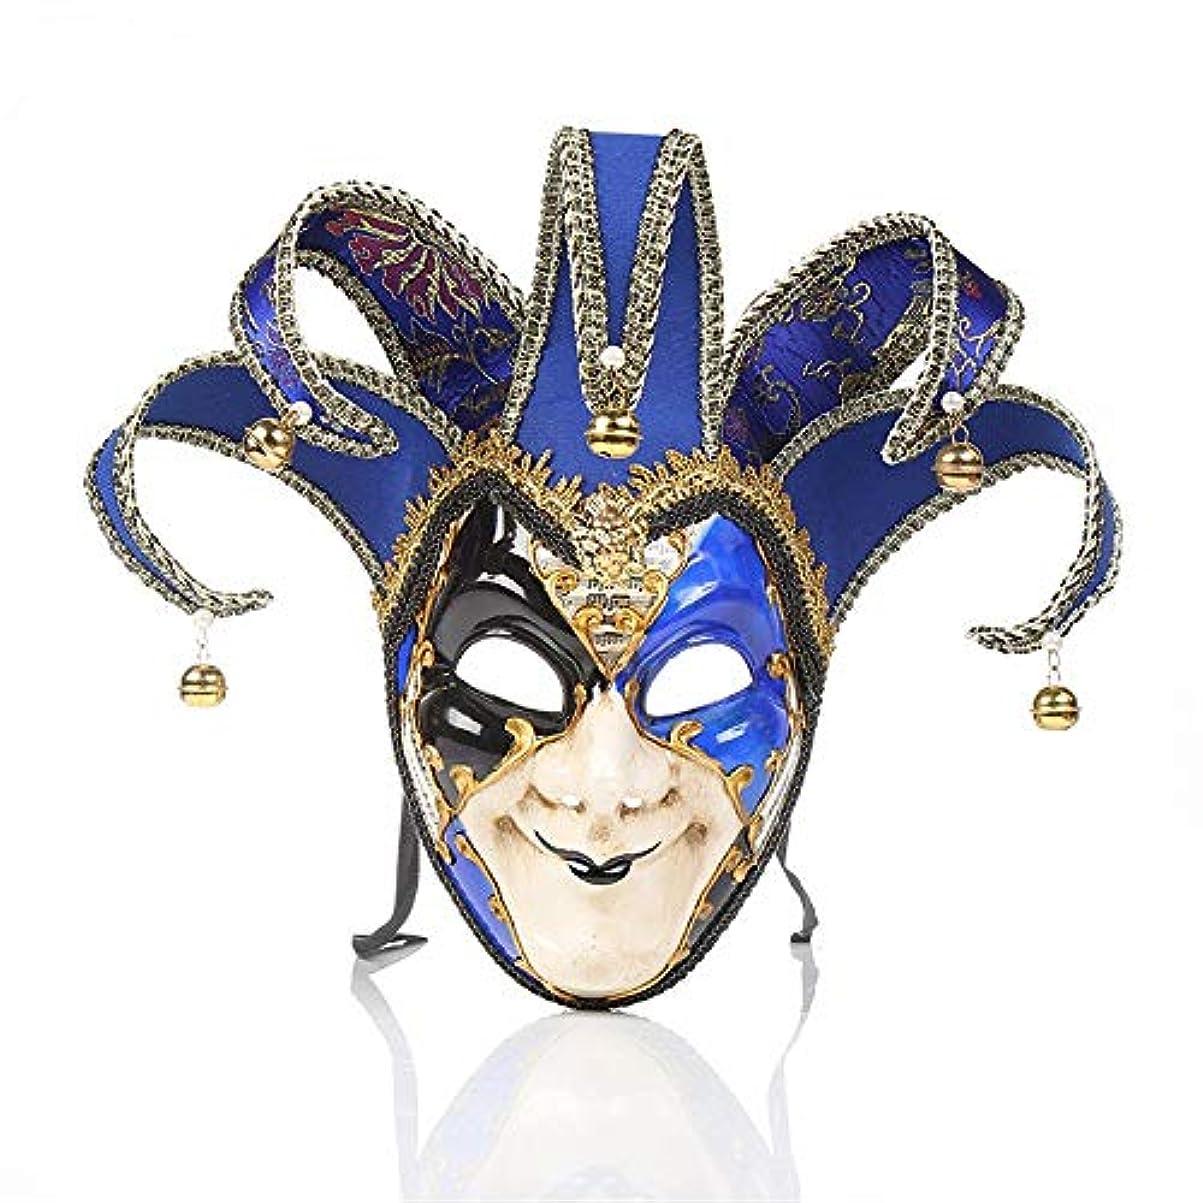 乱気流肯定的描くダンスマスク ピエロマスクハロウィーンパフォーマンスパフォーマンス仮面舞踏会雰囲気用品祭りロールプレイングプラスチックマスク パーティーマスク (色 : 青, サイズ : 39x33cm)